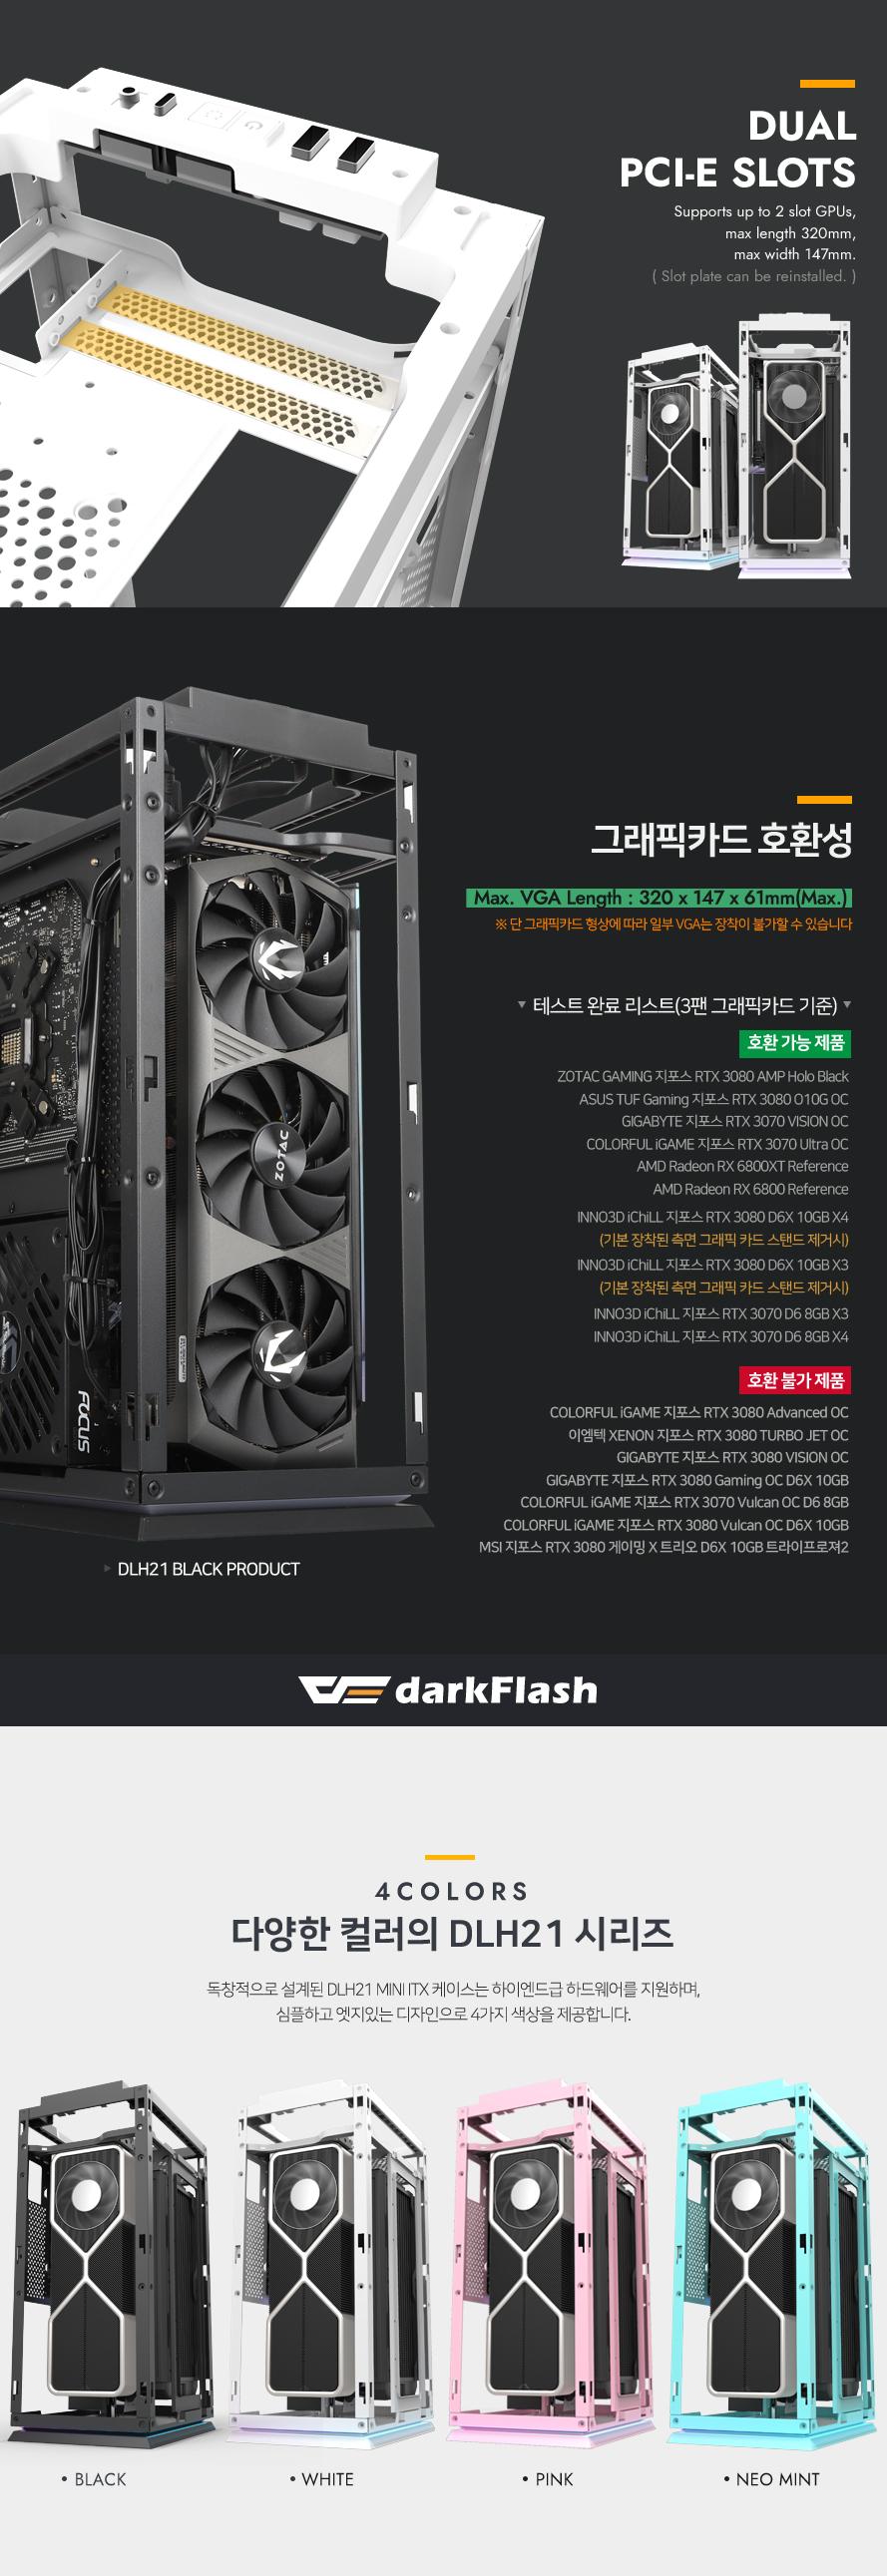 darkFlash DLH21 (화이트)